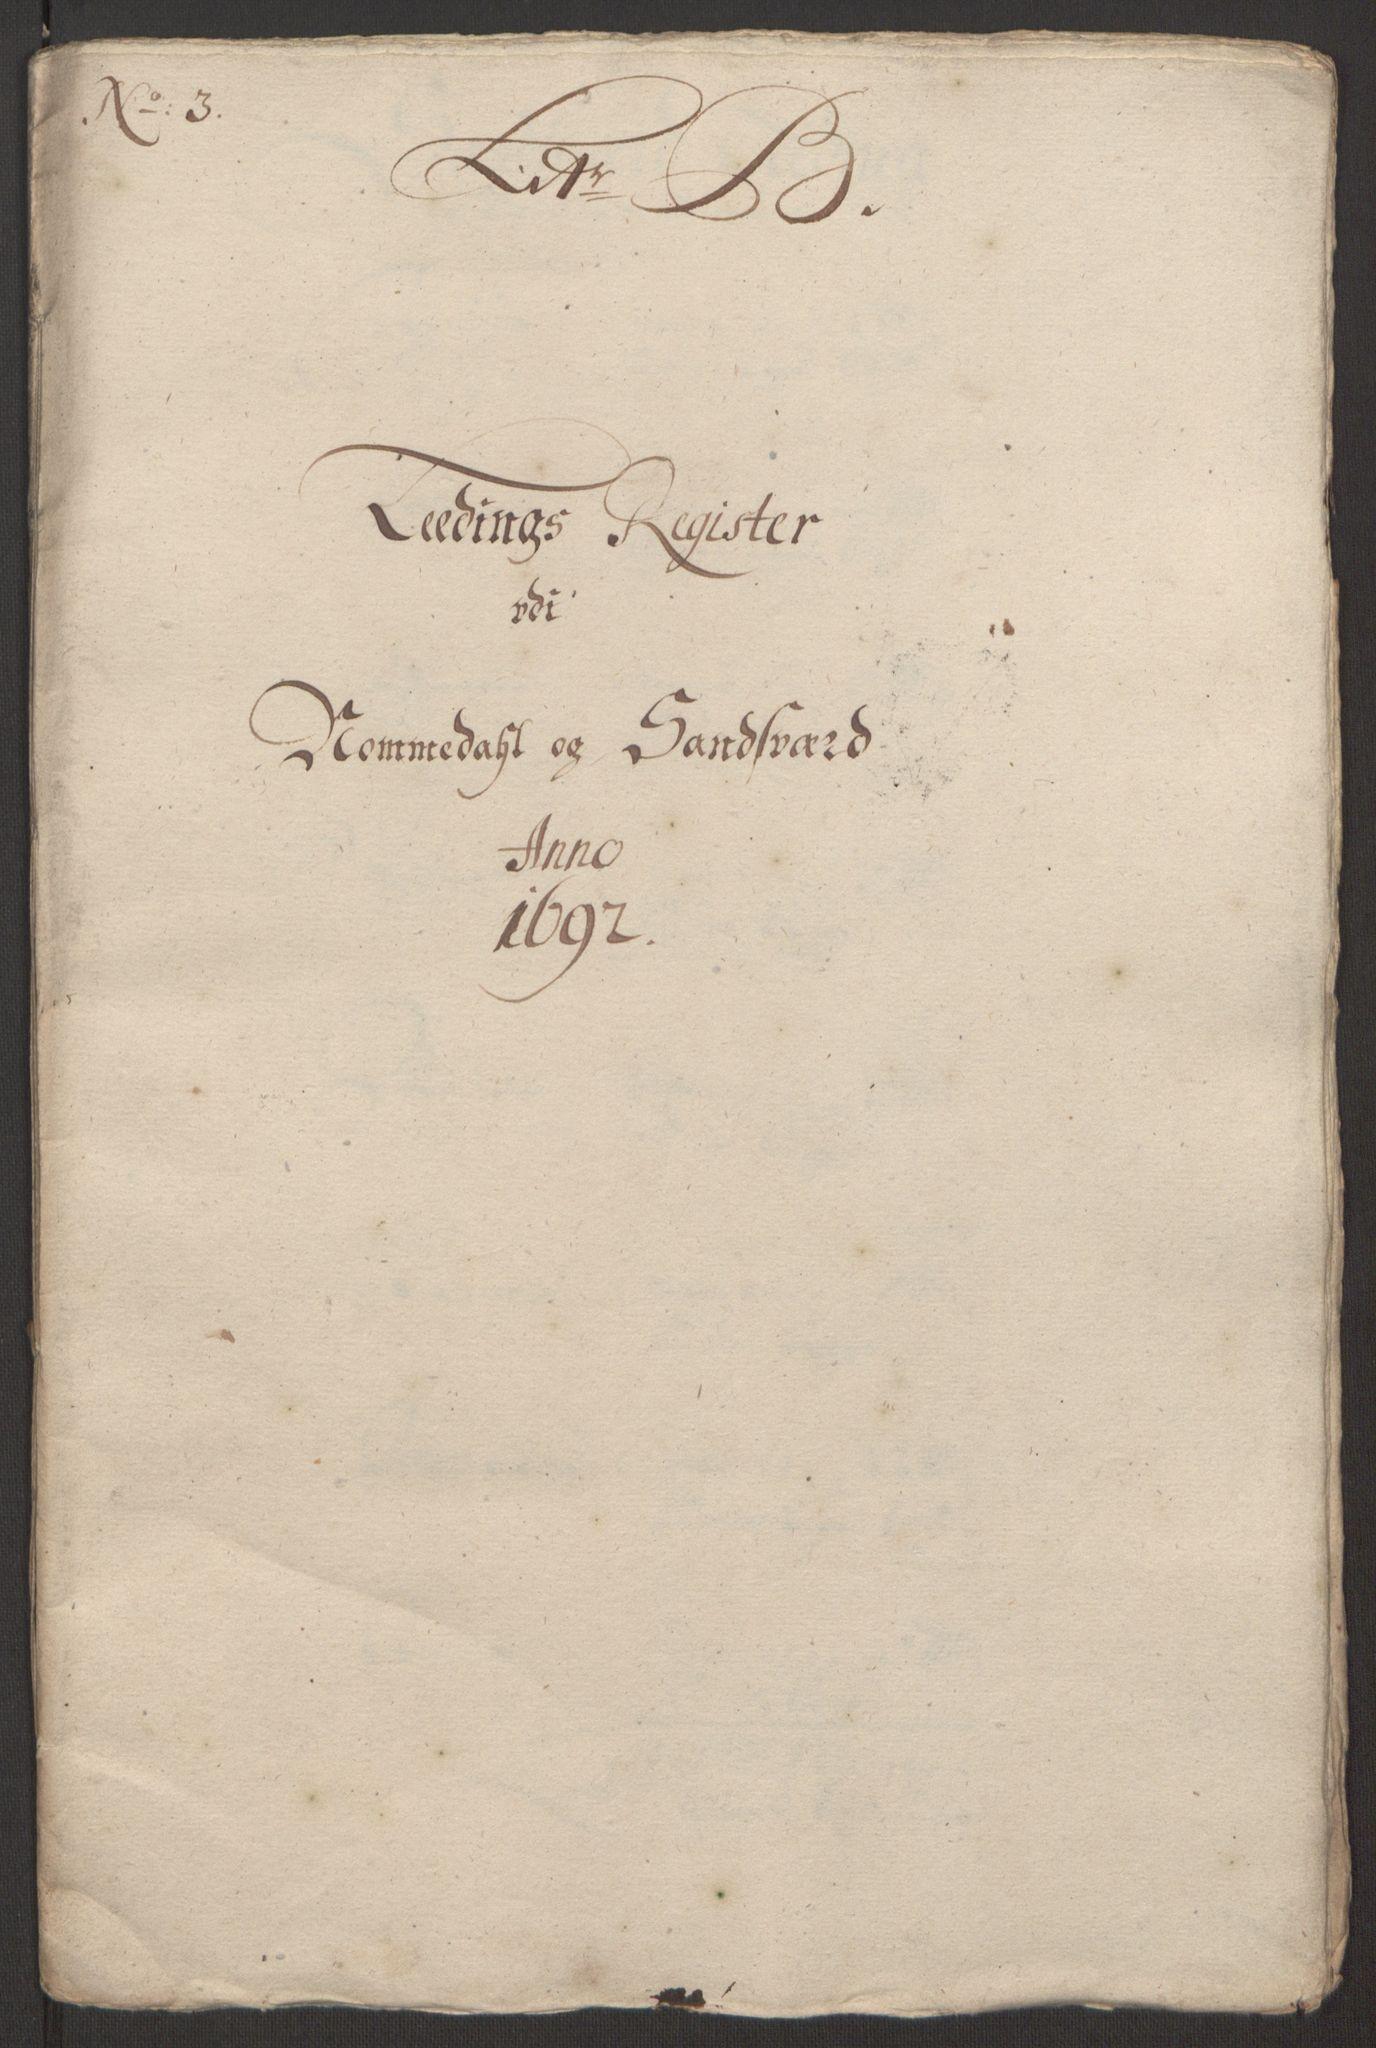 RA, Rentekammeret inntil 1814, Reviderte regnskaper, Fogderegnskap, R24/L1575: Fogderegnskap Numedal og Sandsvær, 1692-1695, s. 54